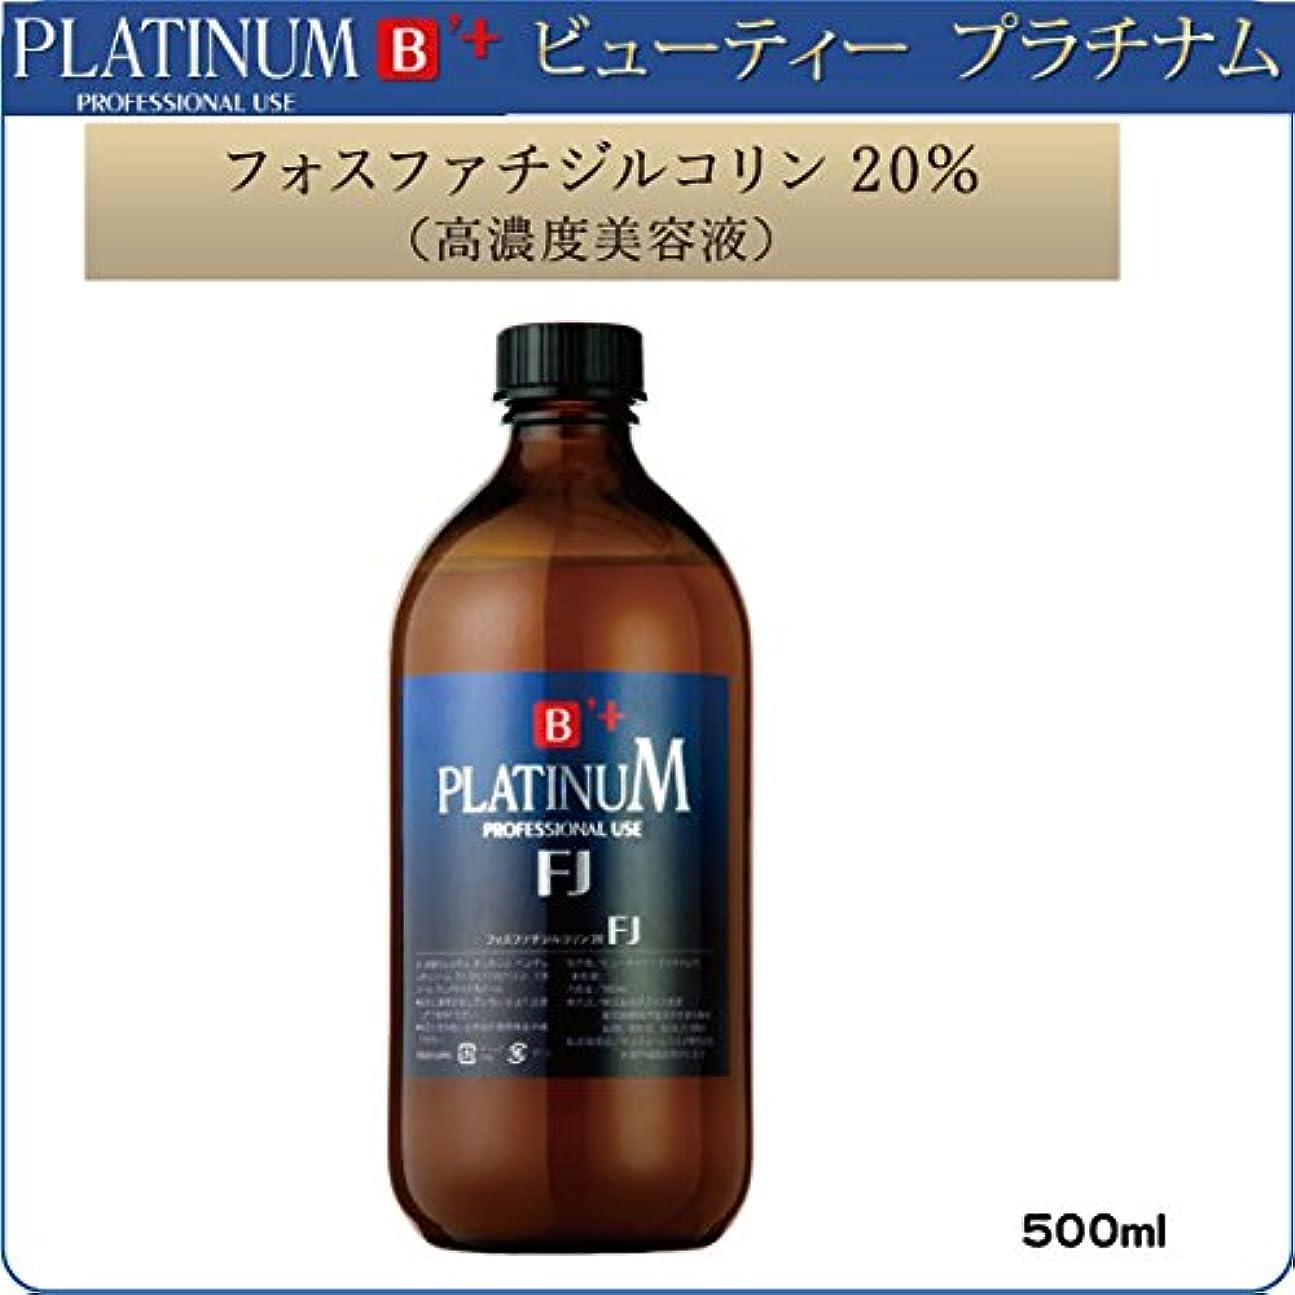 テロリスト呼び出すハイキング【ビューティー プラチナム】 PLATINUM B'+  フォスファチジルコリン20%高濃度美容液  痩身専用:500ml